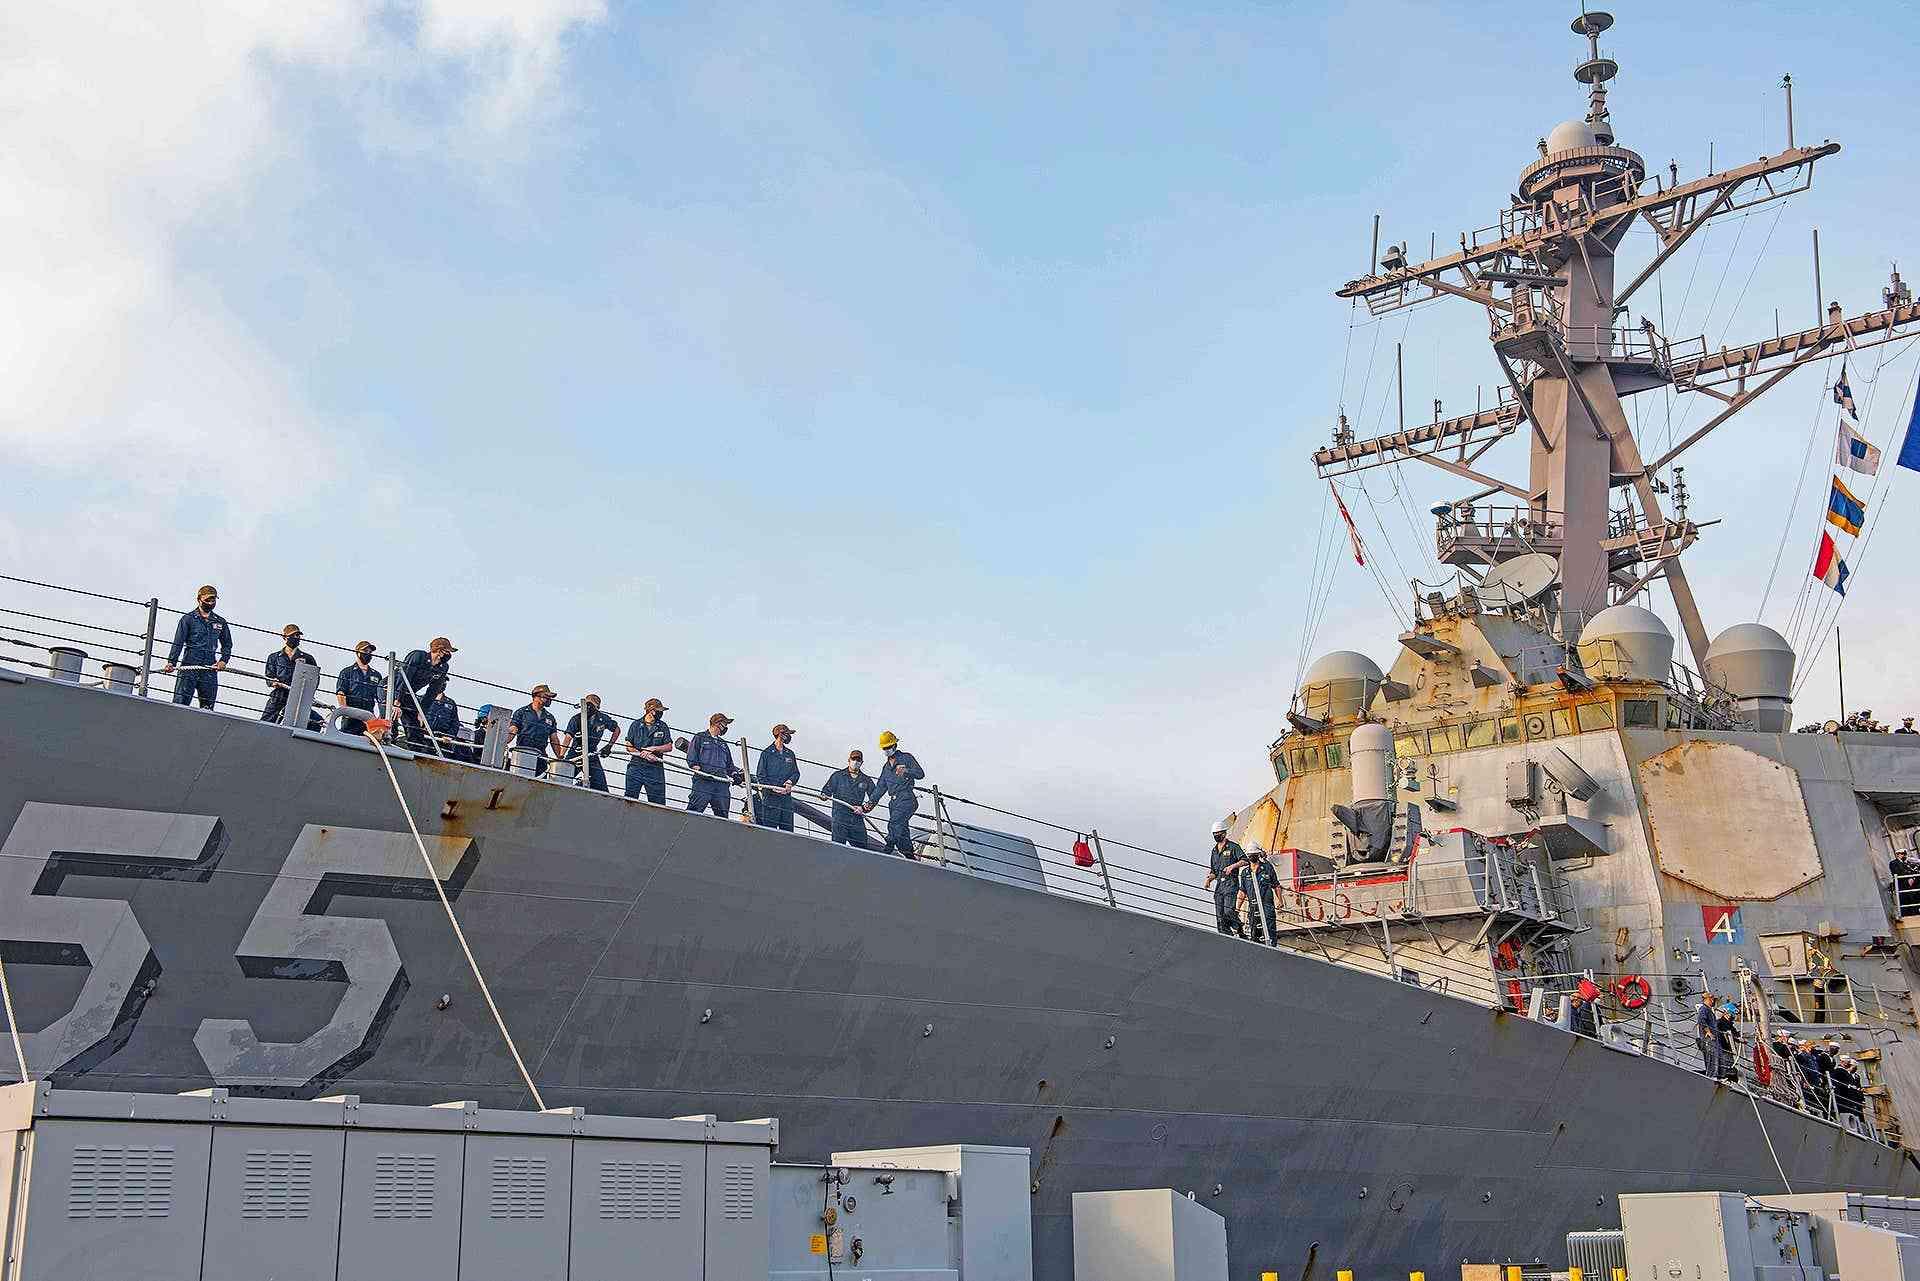 原创   美海军驱逐舰创下纪录,航行215天不靠岸,相控阵雷达锈迹斑斑    第4张